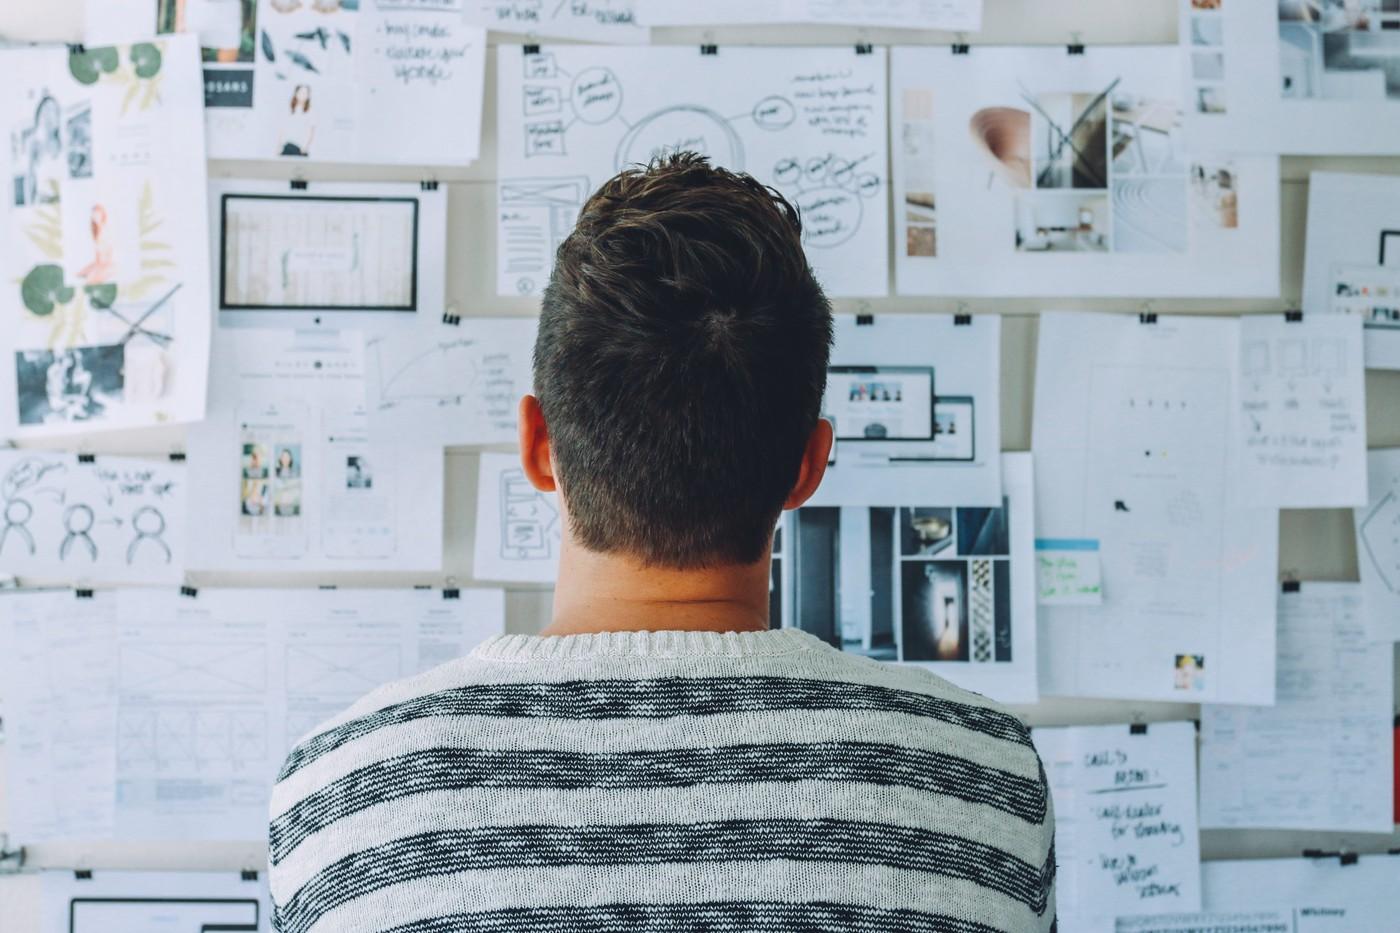 聰明人都是這樣解決問題!「整理」4大原則,讓你面對雜亂資訊,不再理不出頭緒